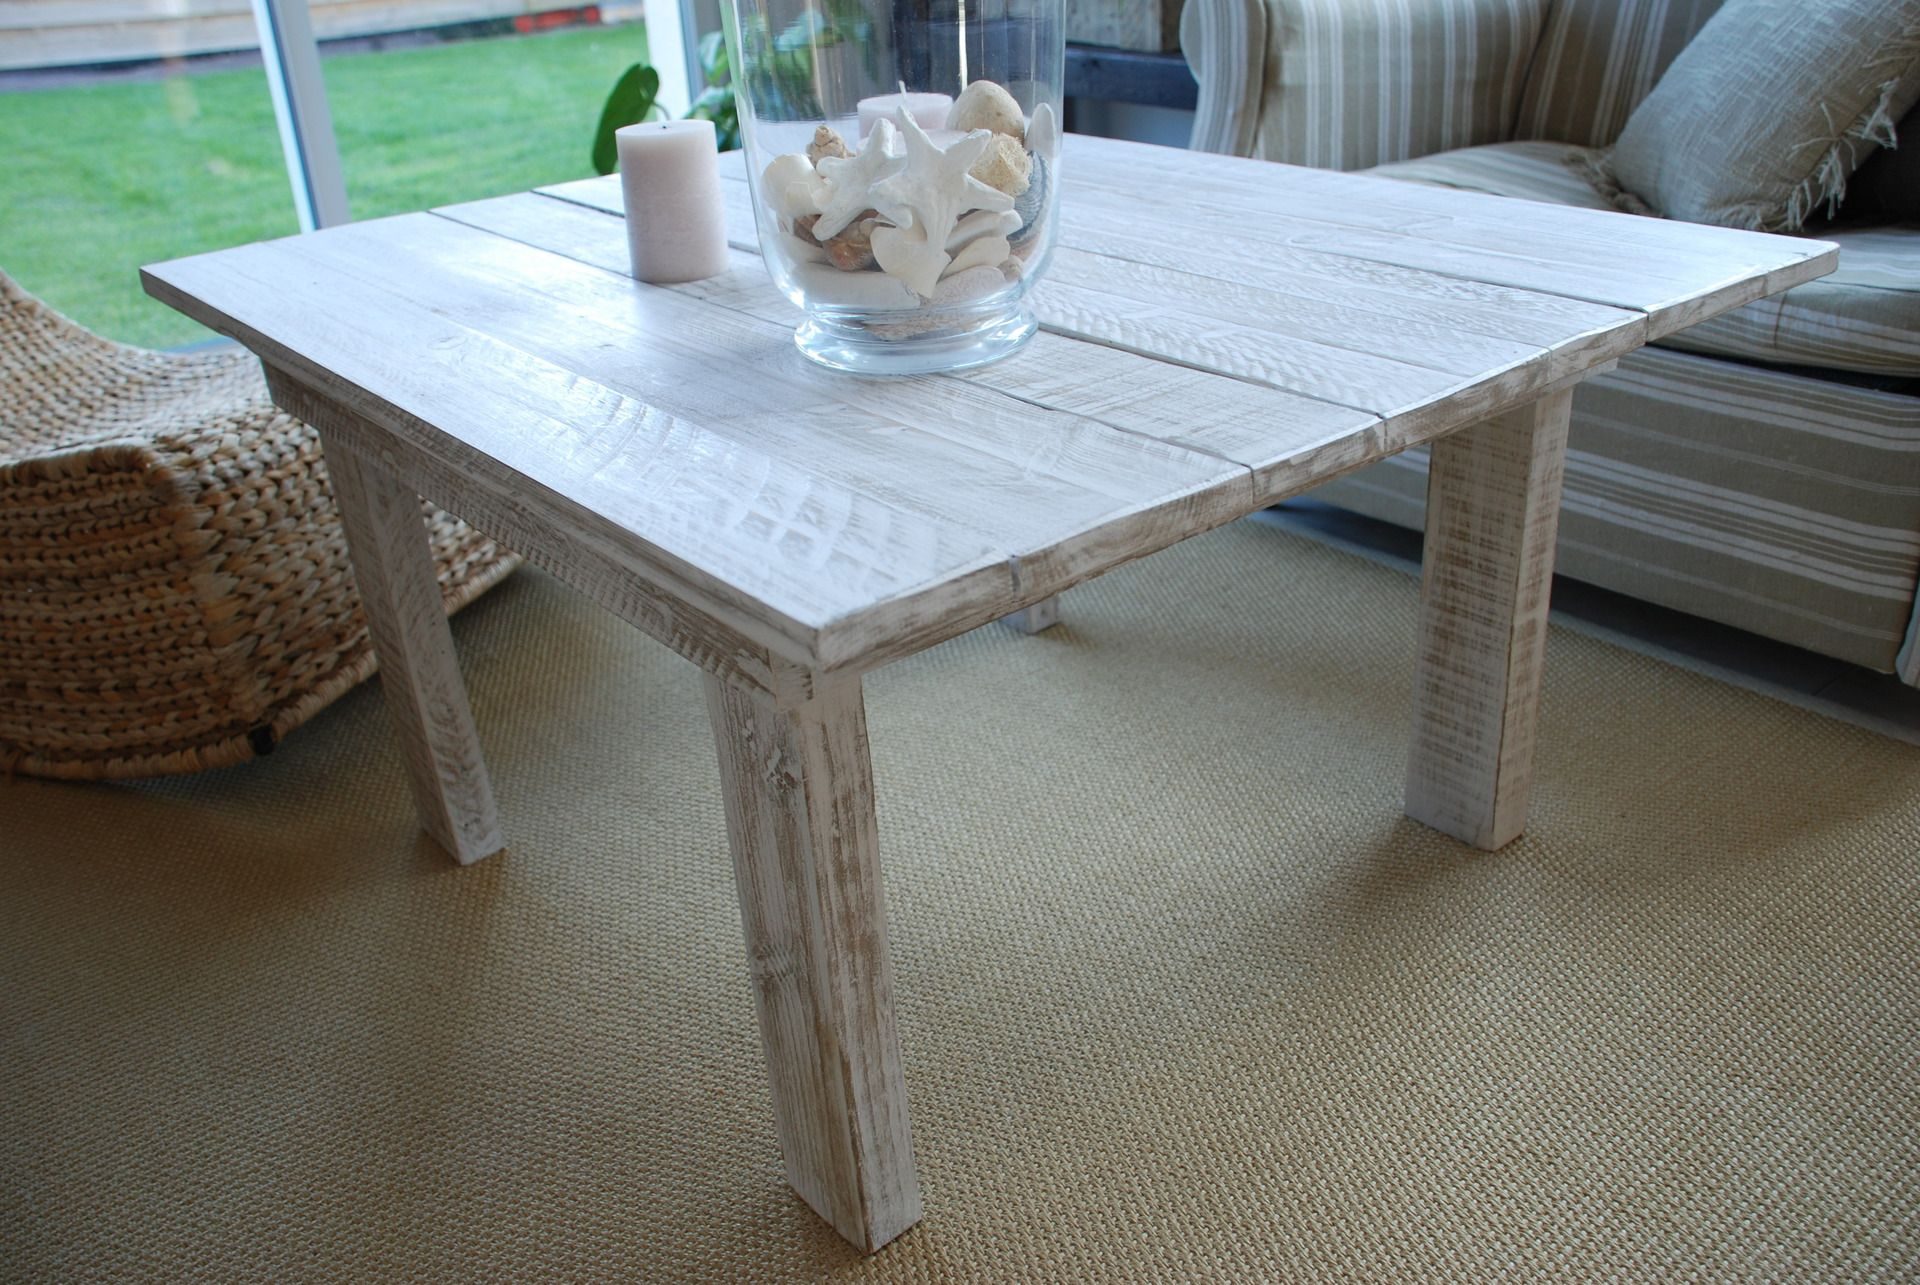 table basse style bord de mer meubles et rangements par atelier quatrecoeurs meubles anciens. Black Bedroom Furniture Sets. Home Design Ideas